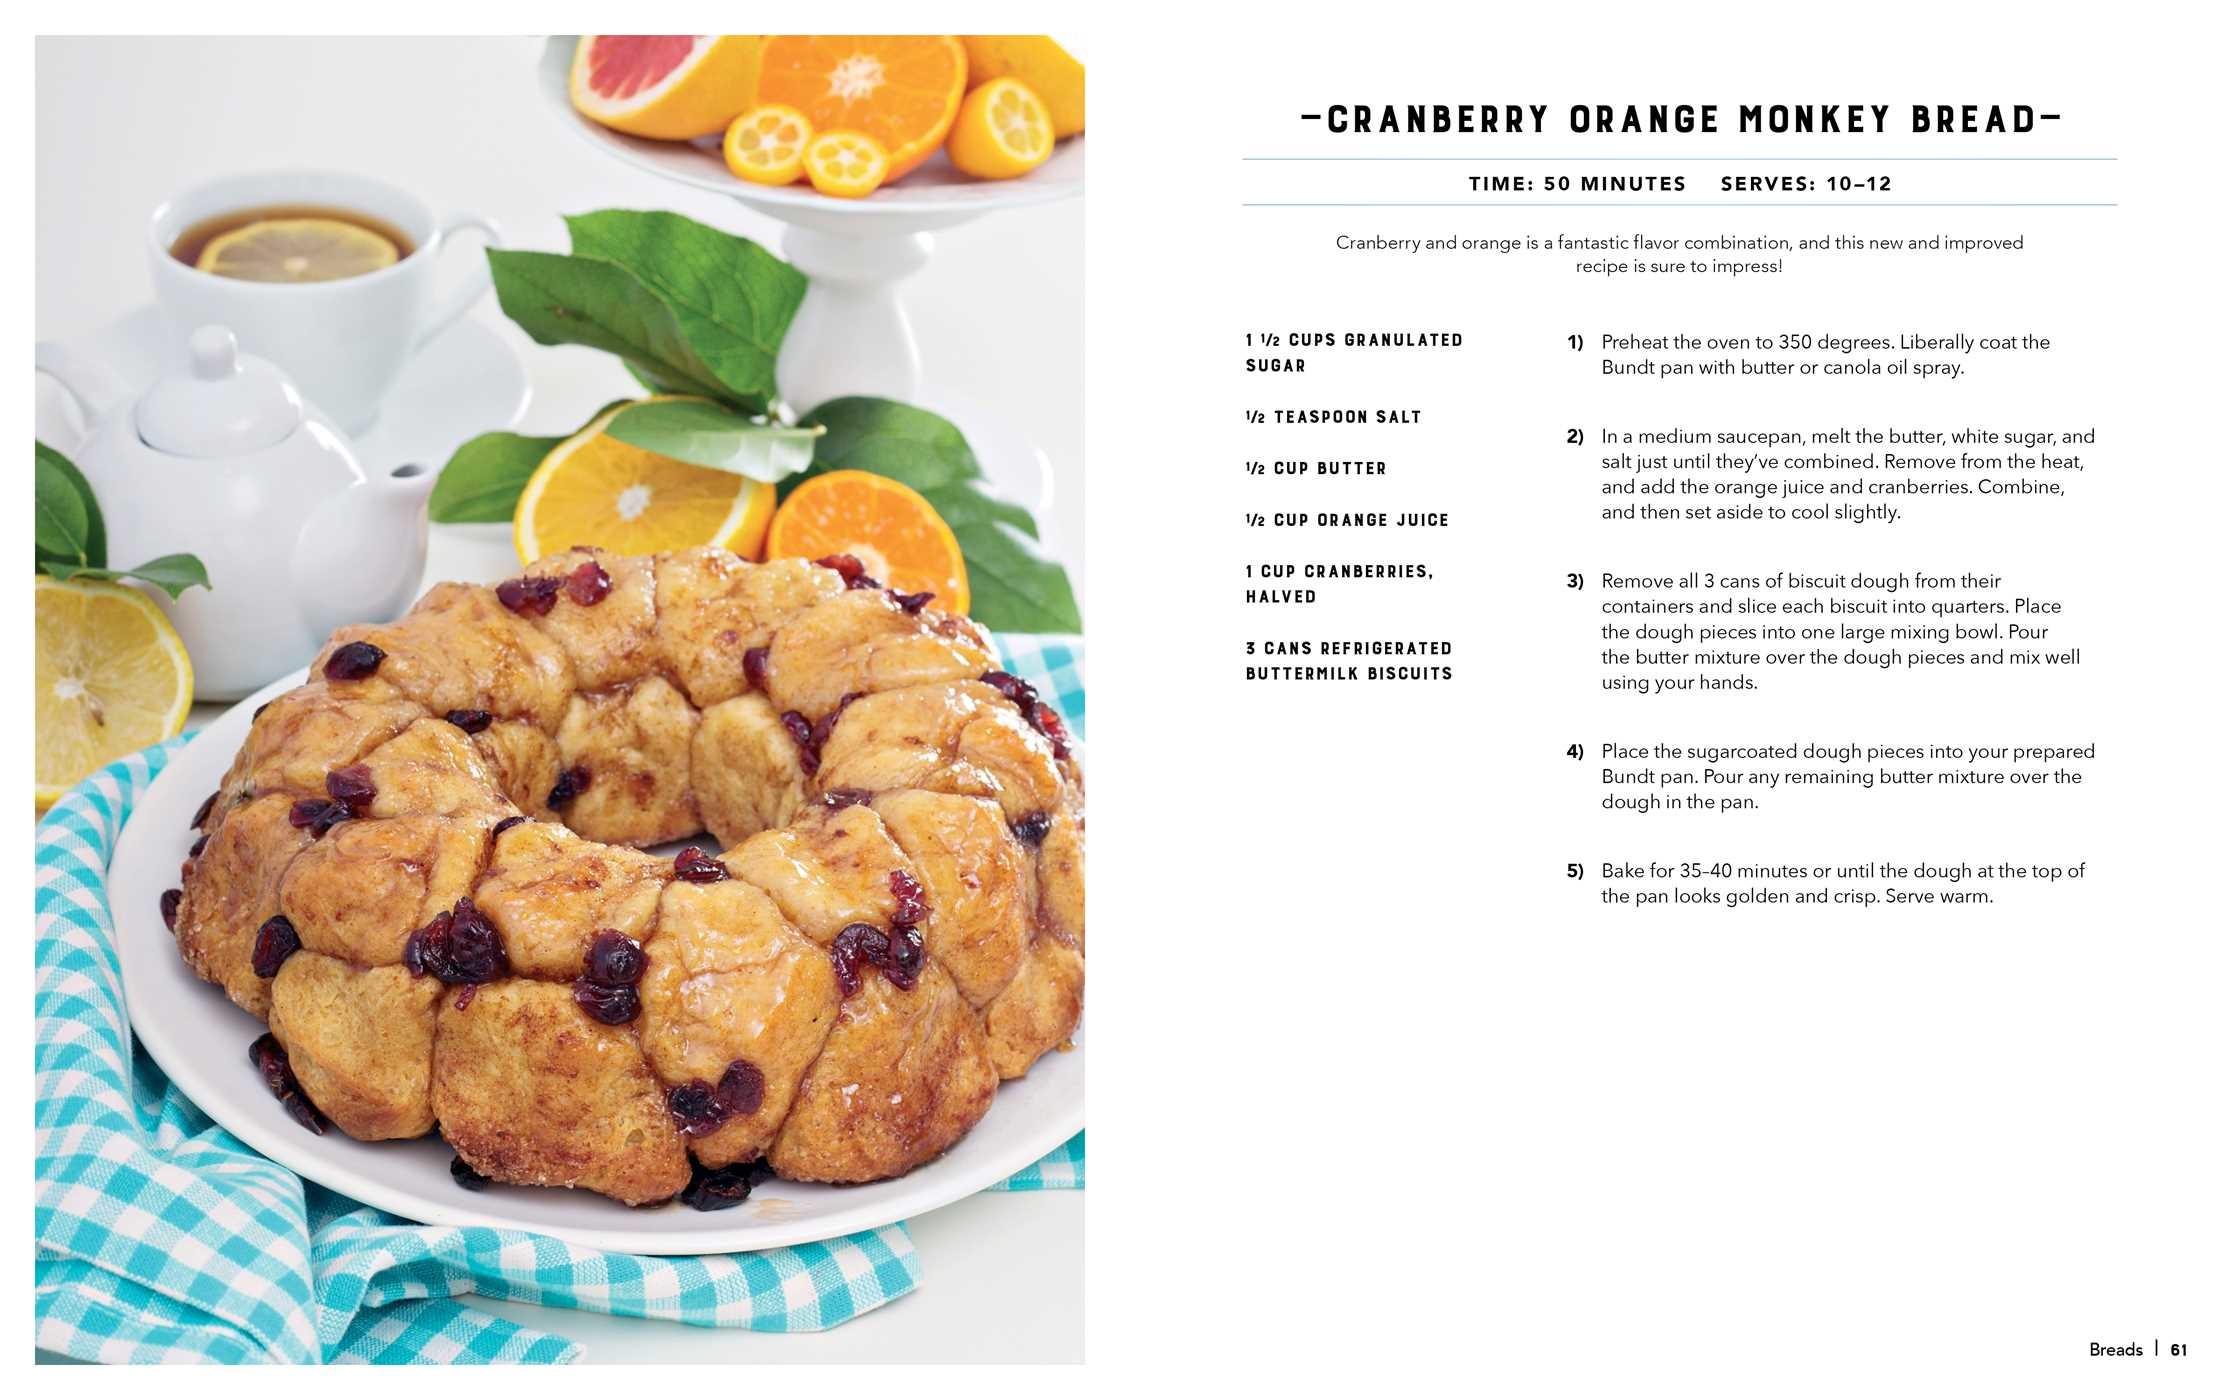 The new bundt pan cookbook 9781604337402.in02